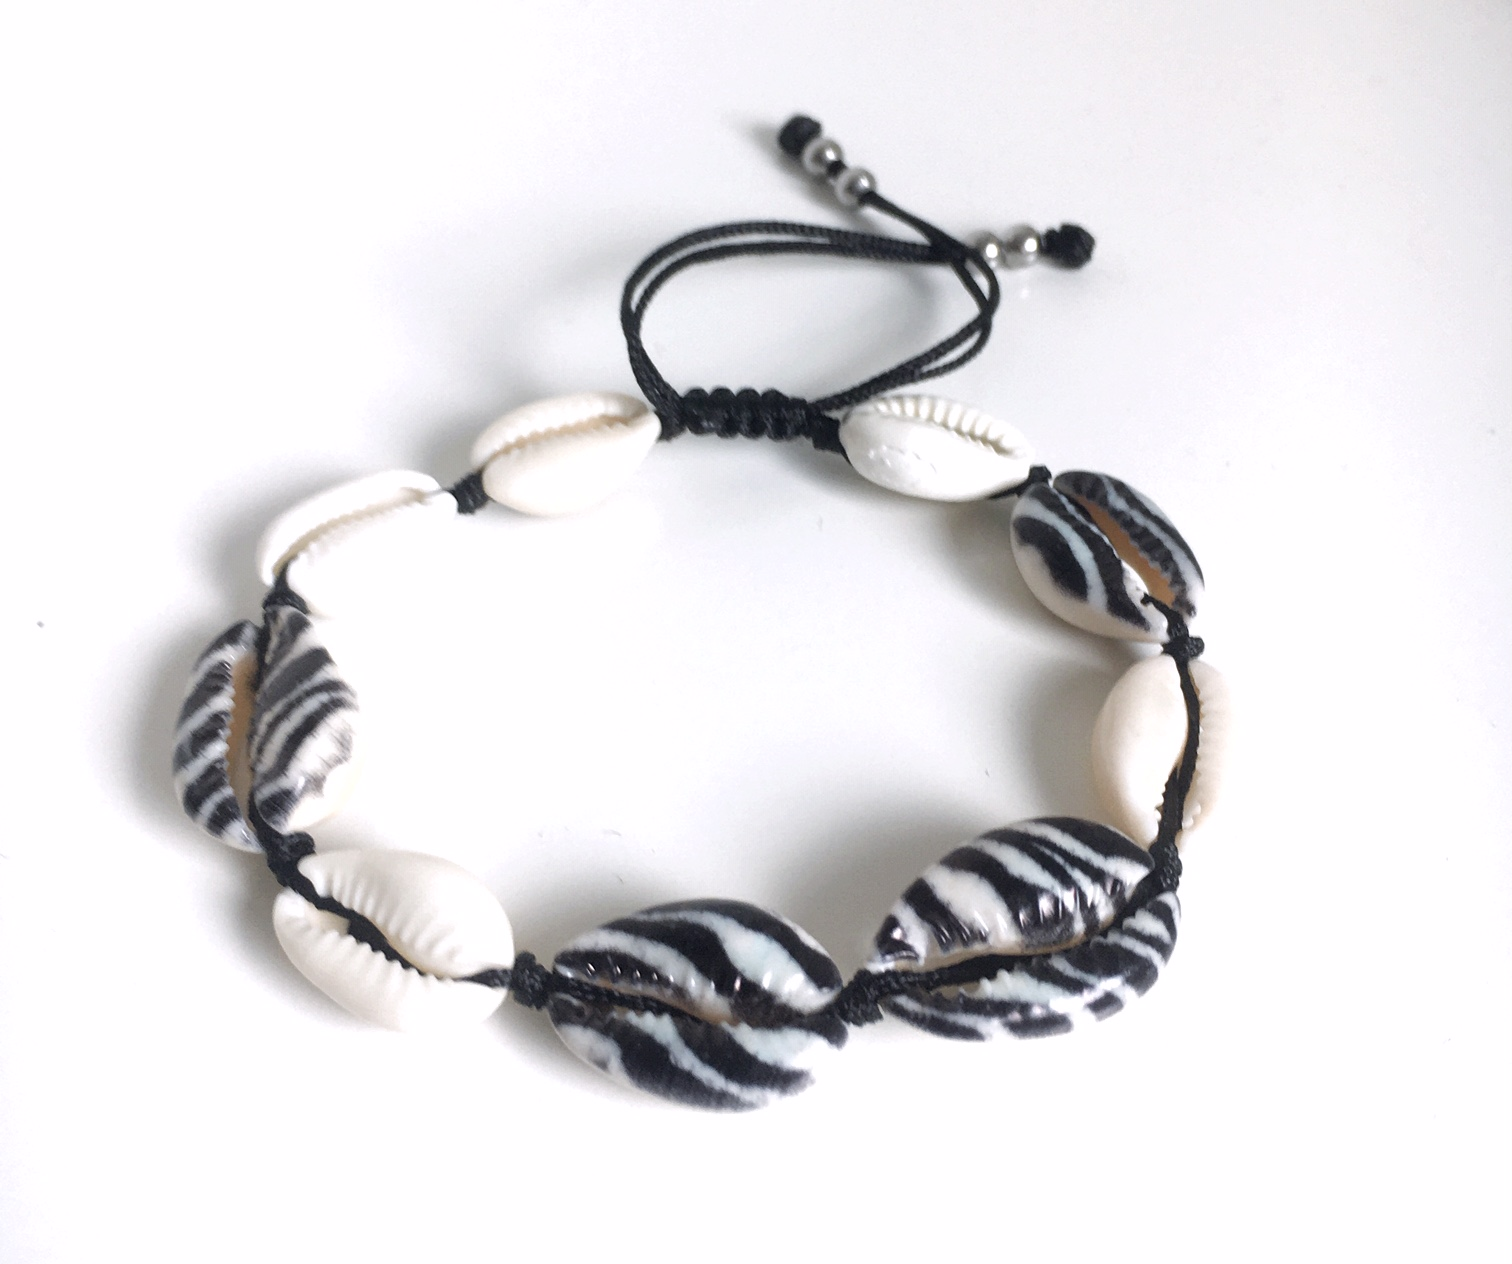 Snäckarmband med färg_zebra